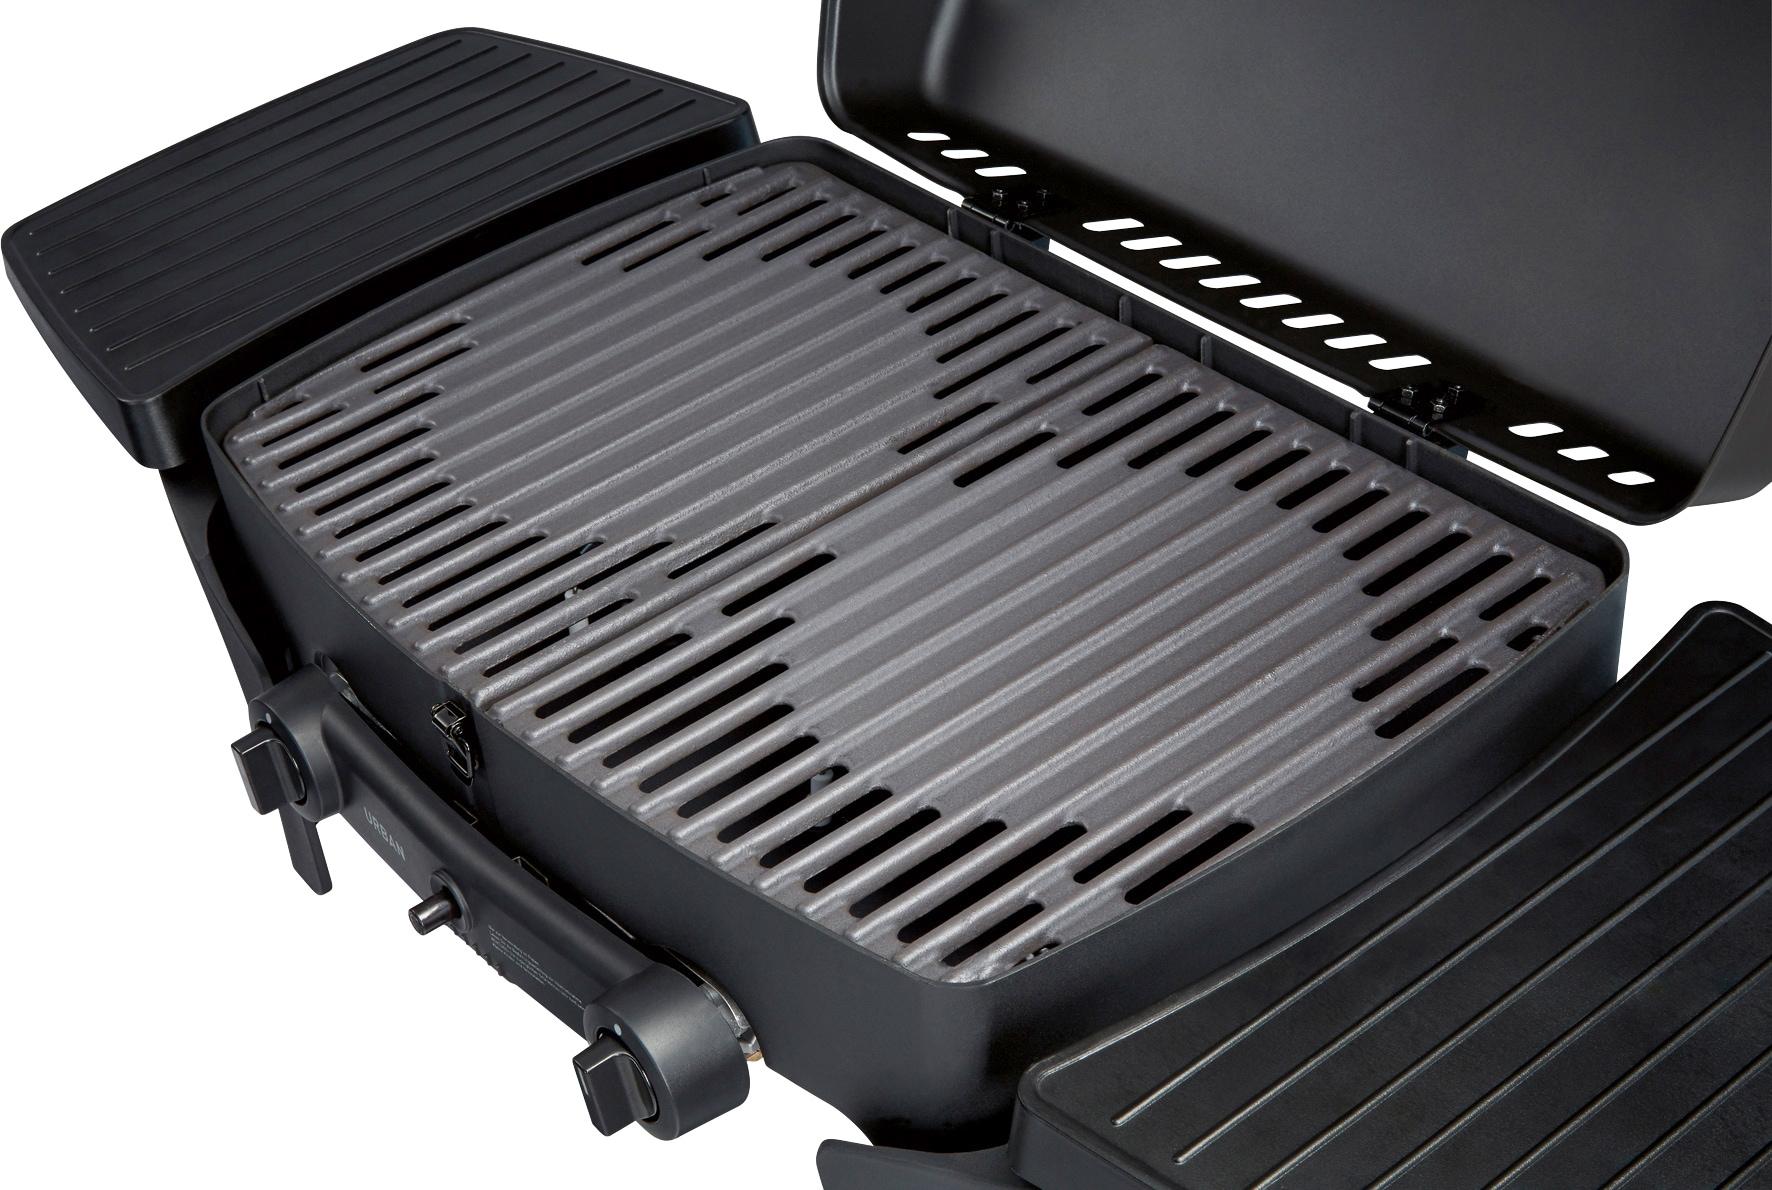 Landmann Gasgrill Augsburg : Obi outdoor living grillgeräte online kaufen möbel suchmaschine